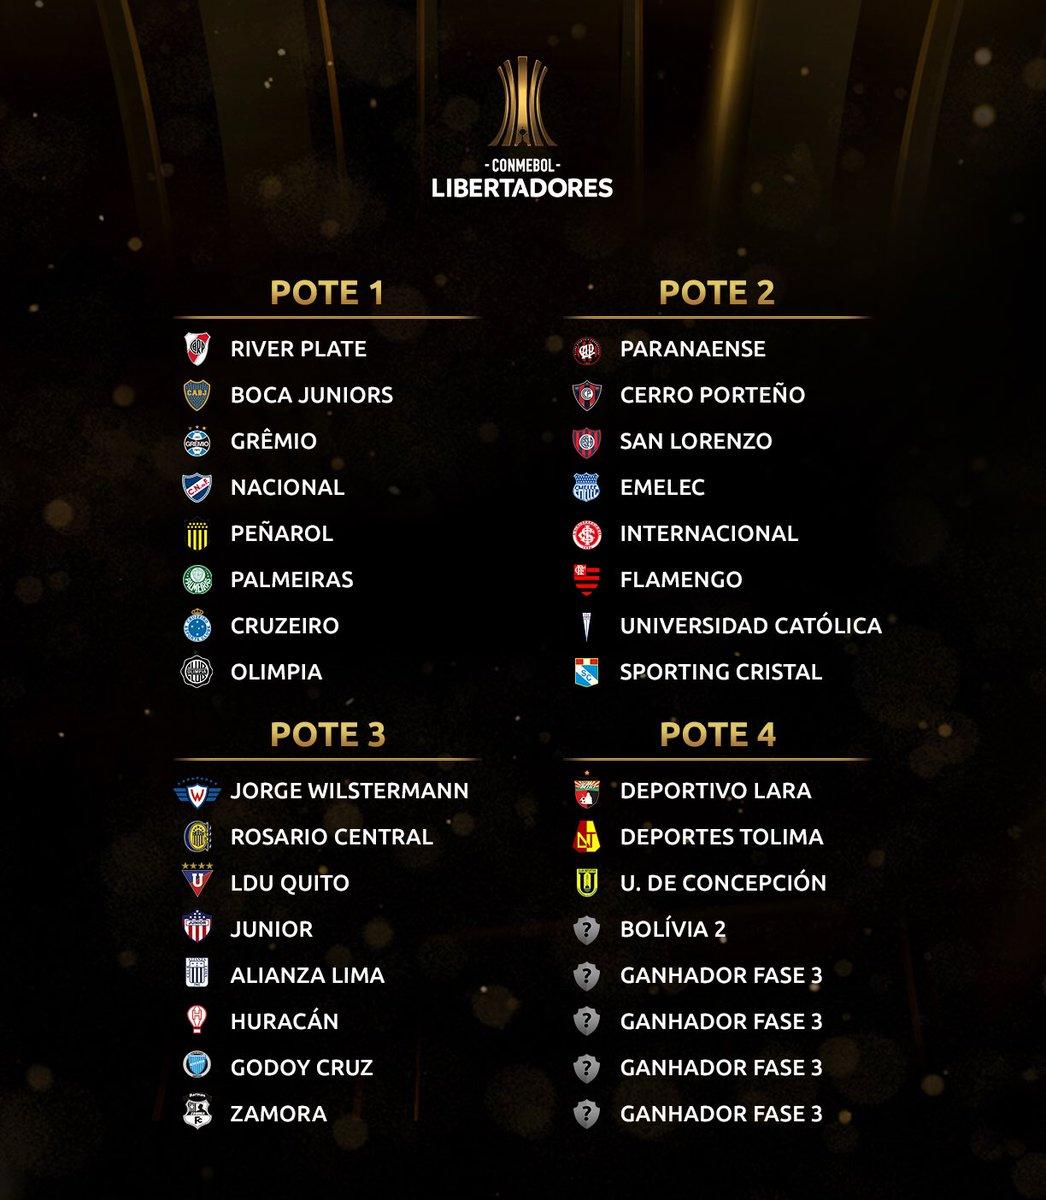 Sorteio da Libertadores 2019  Acompanhe ao vivo em tempo real os  gruposSaiba como assistir AO VIVO ao sorteio da Copa Libertadores 2019 e7670247d57b7